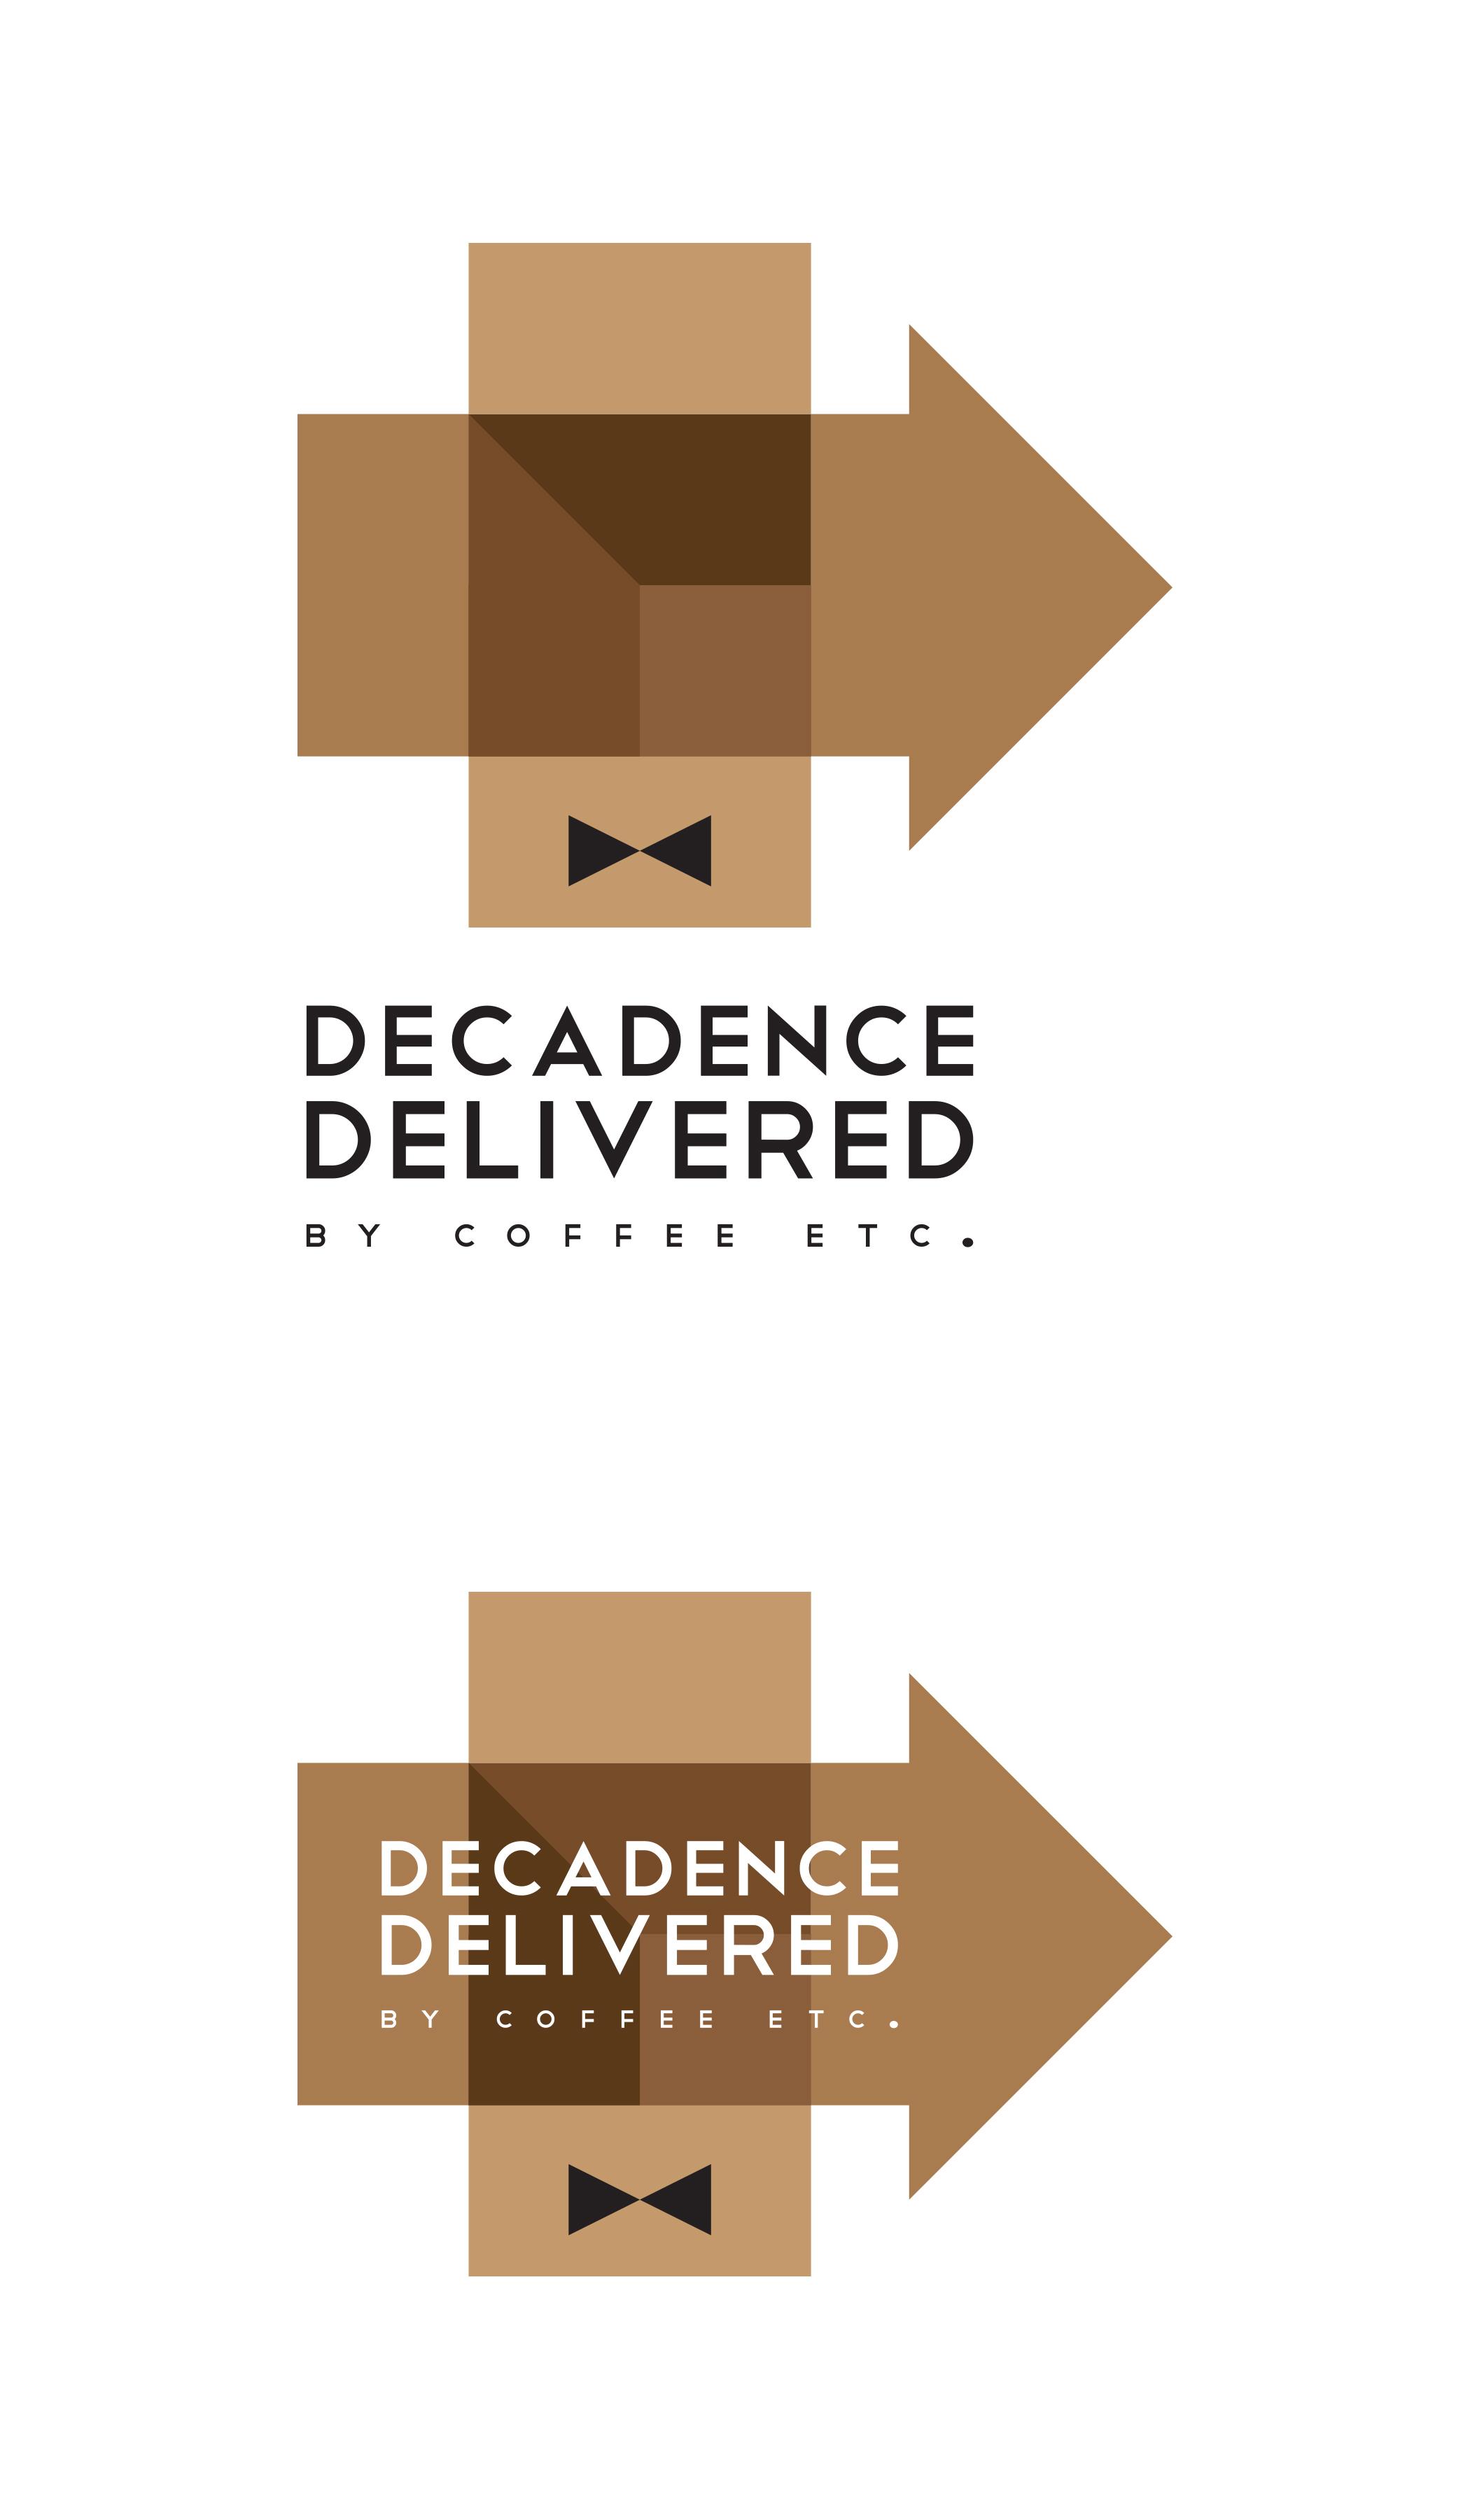 DD-logo-box3.jpg